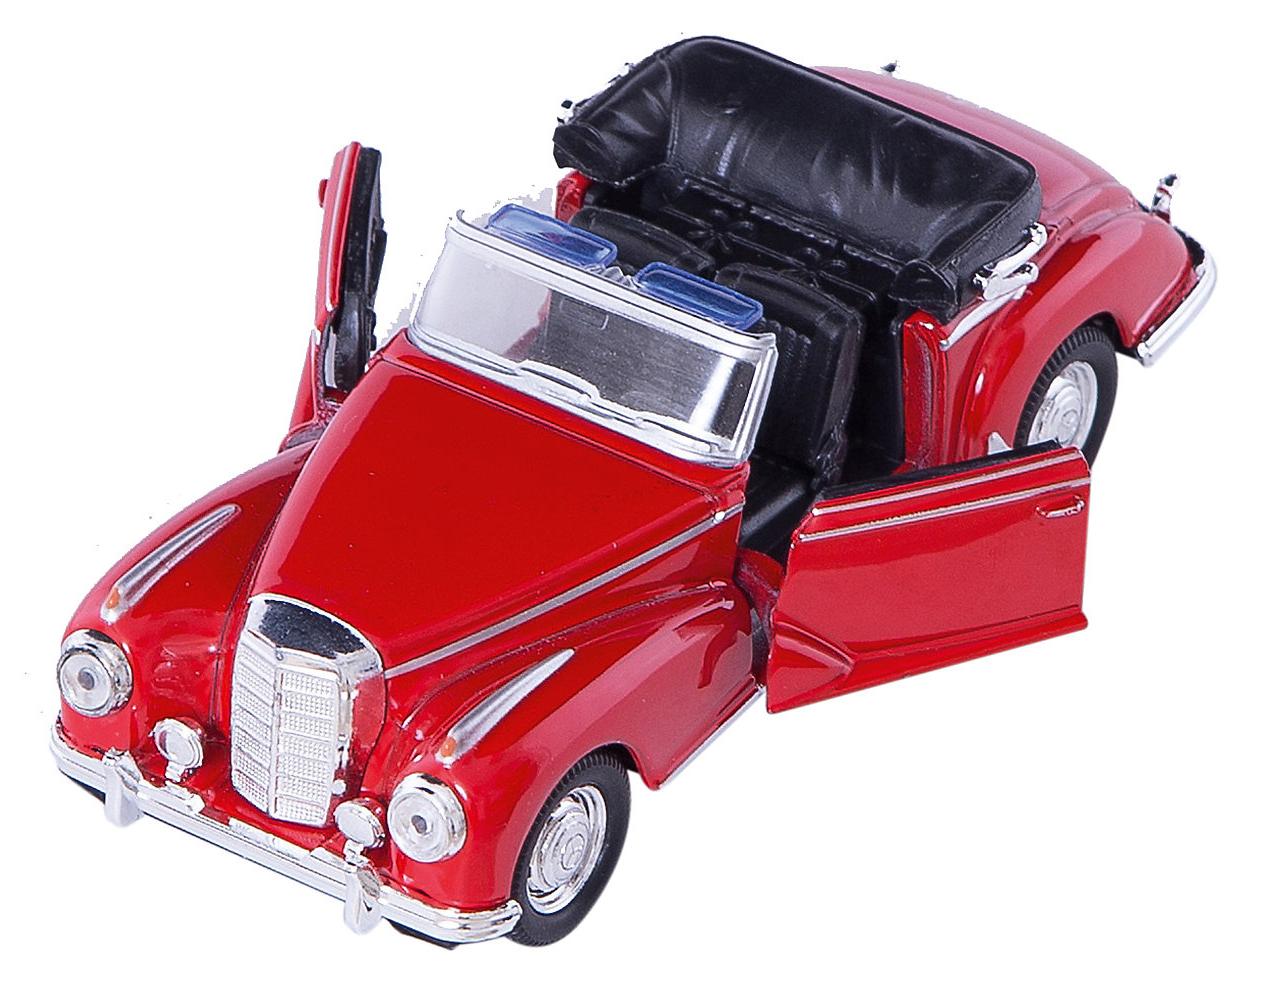 Купить Welly 98879 Велли модель винтажной машины 1:34-39 Mercedes-Benz 500K, Коллекционные модели